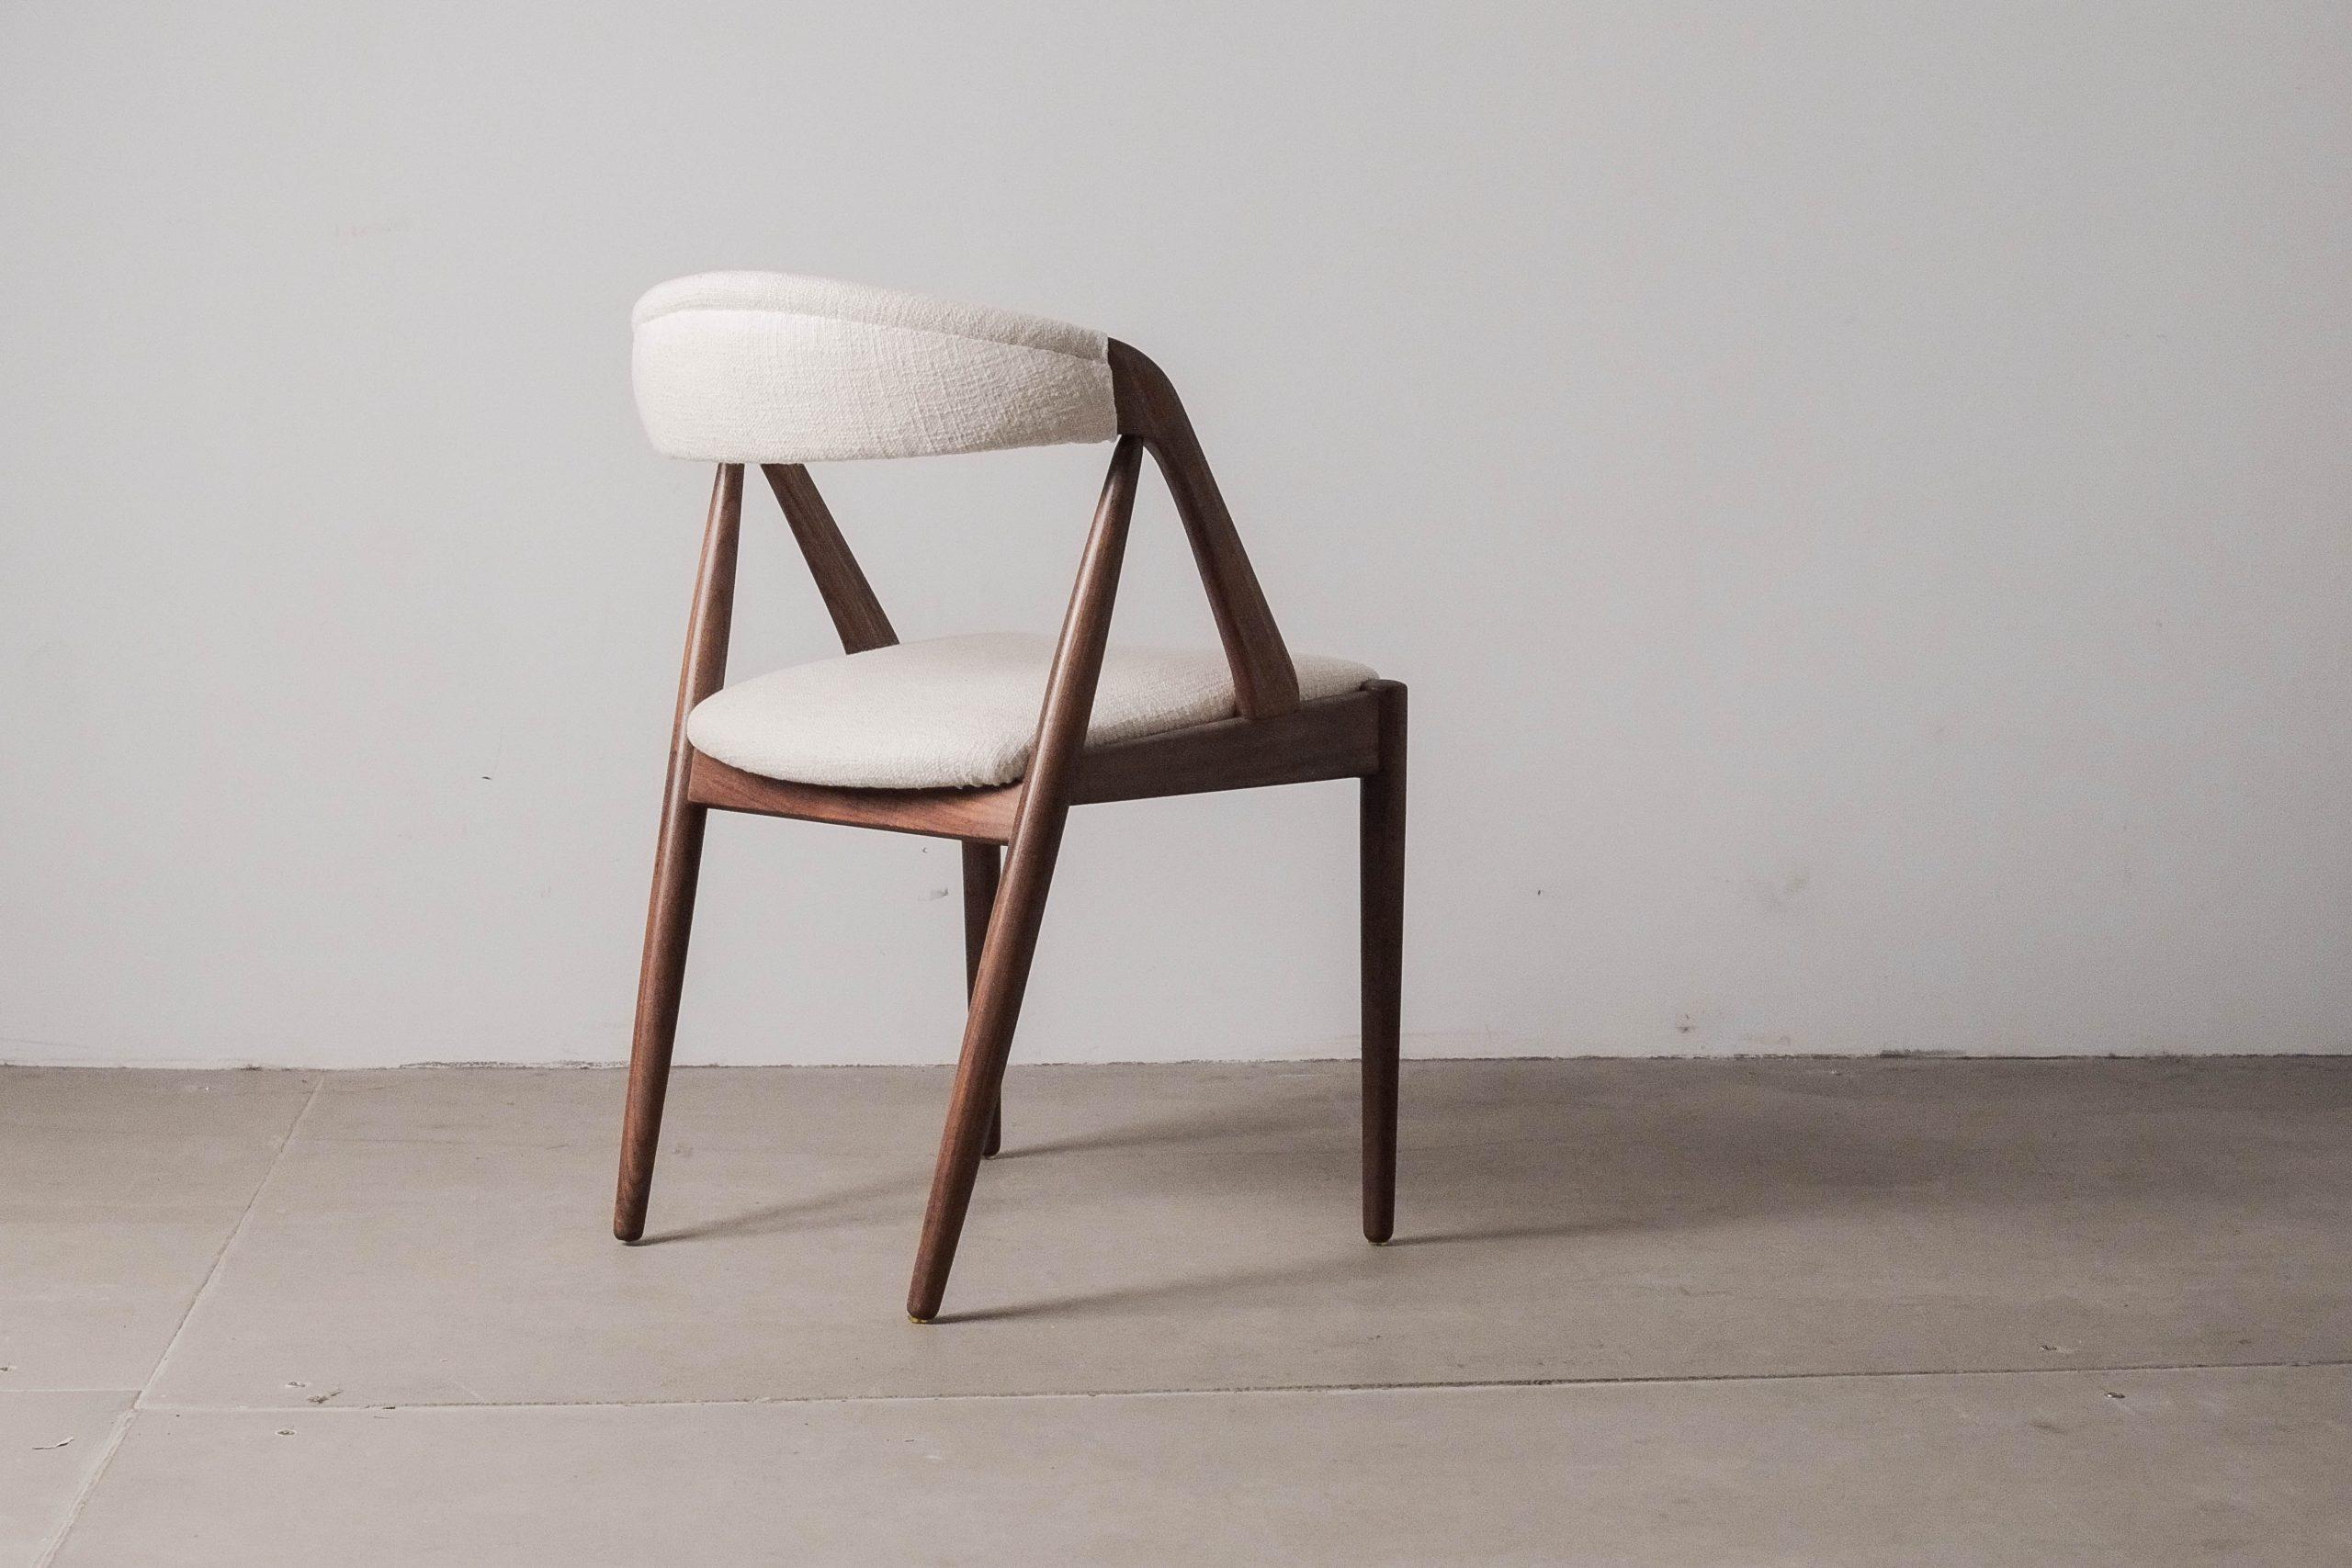 silla de diseño silla de calidad mid century madera de teca respaldo curvo kai kristiansen vintage